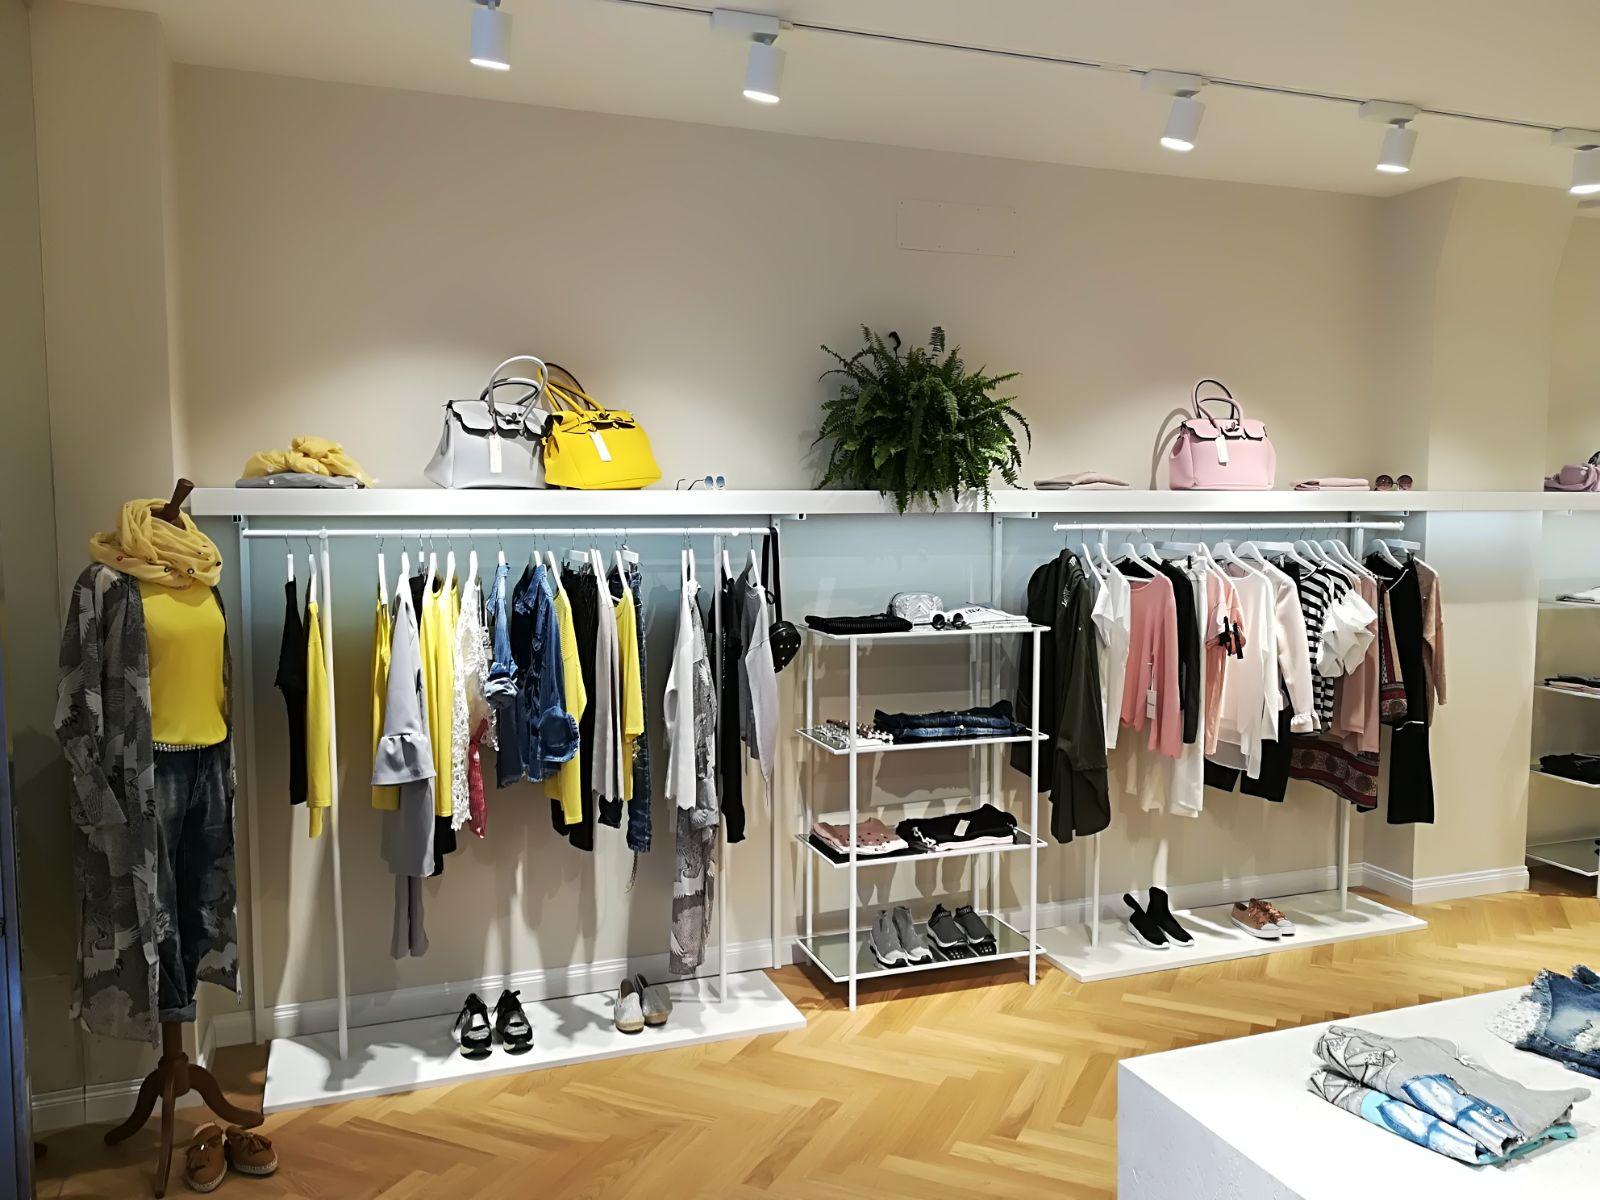 Produzione elementi arredo negozio abbigliamento goose for Arredi per negozi abbigliamento